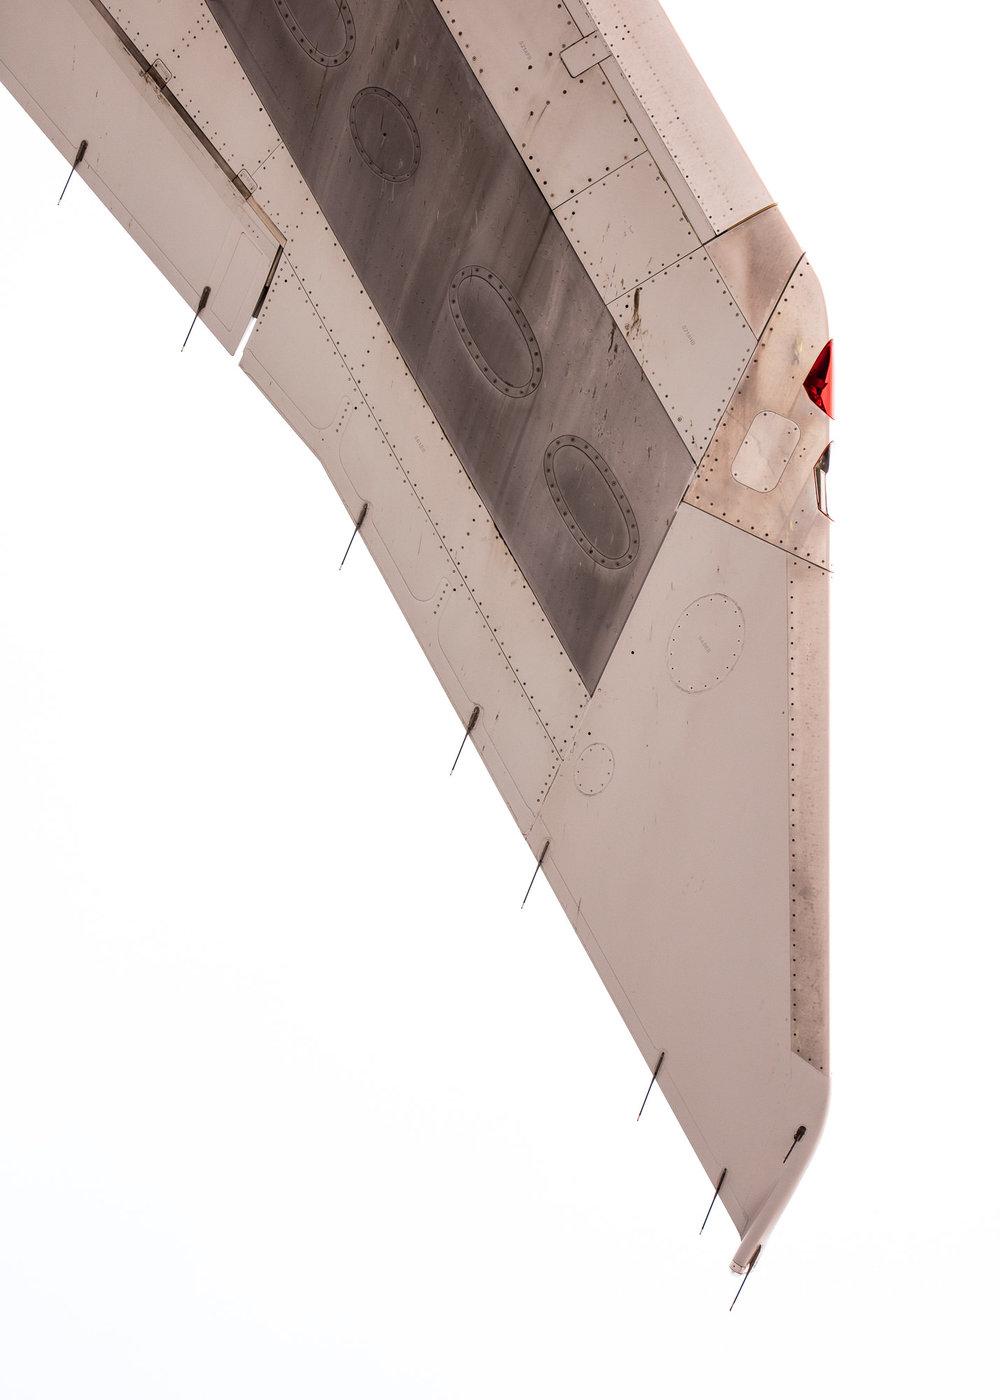 virgin-atlantic-777-mike-kelley-8.jpg